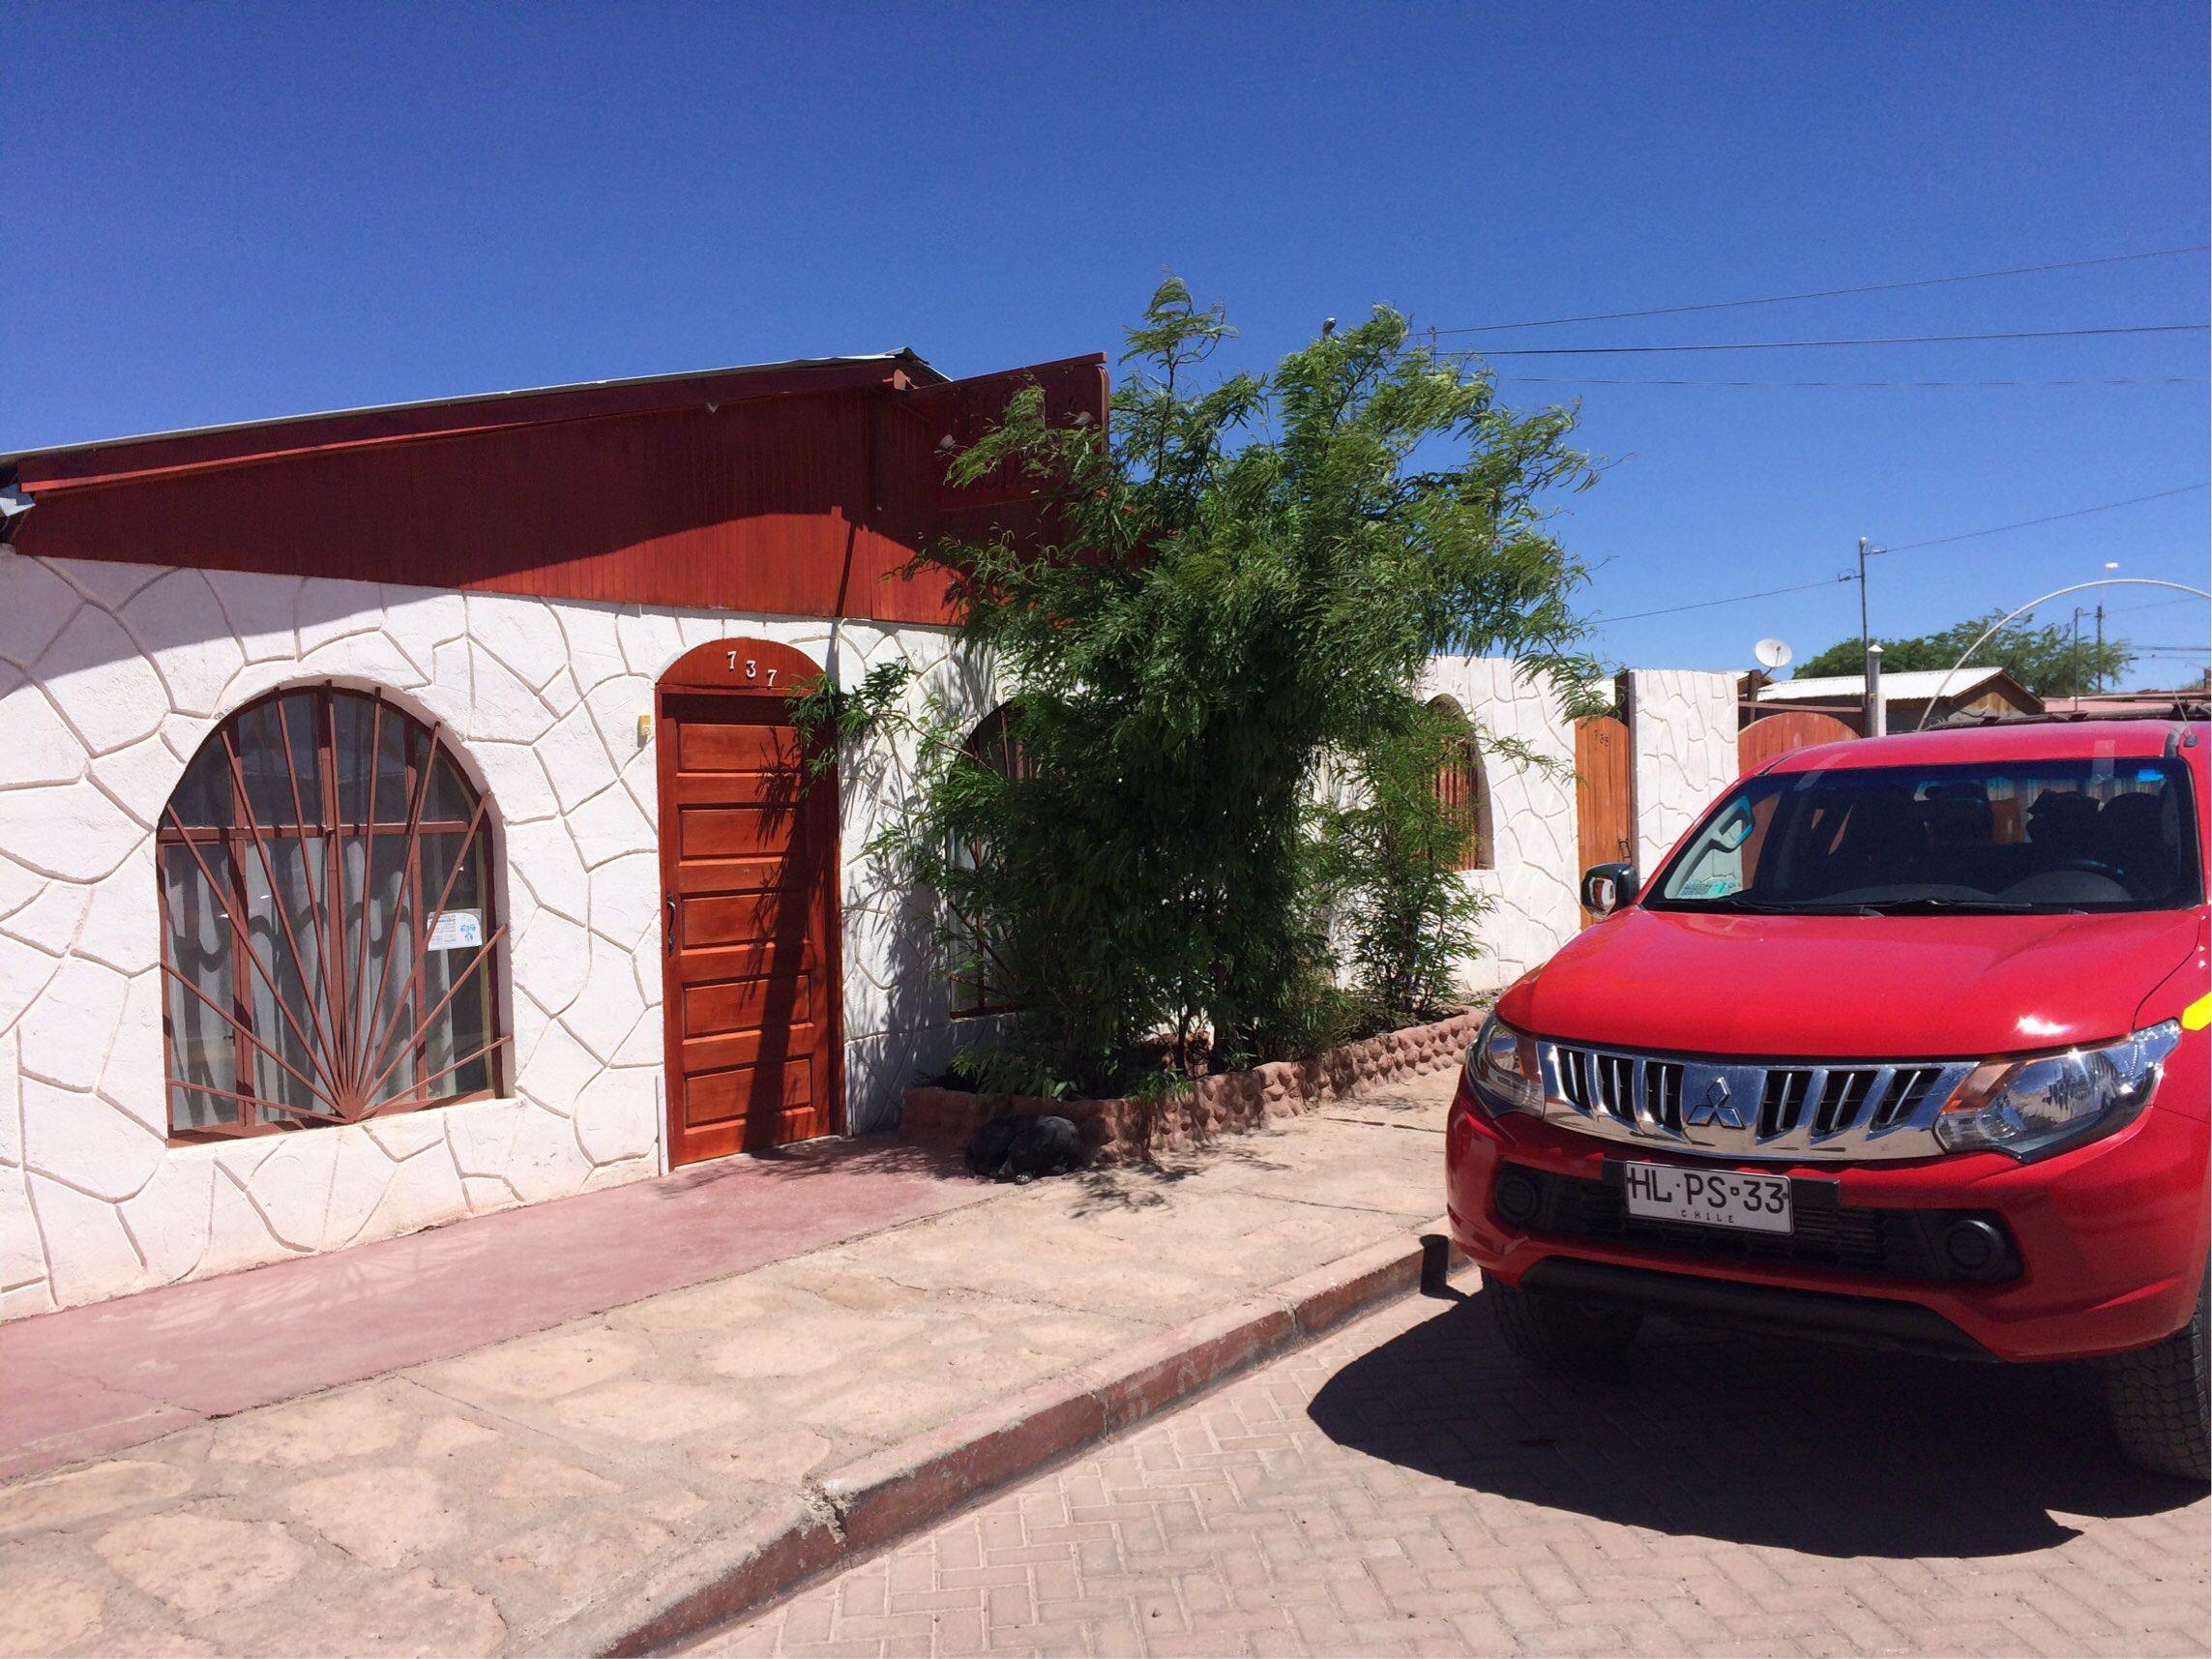 img 3854 - In die Wüste